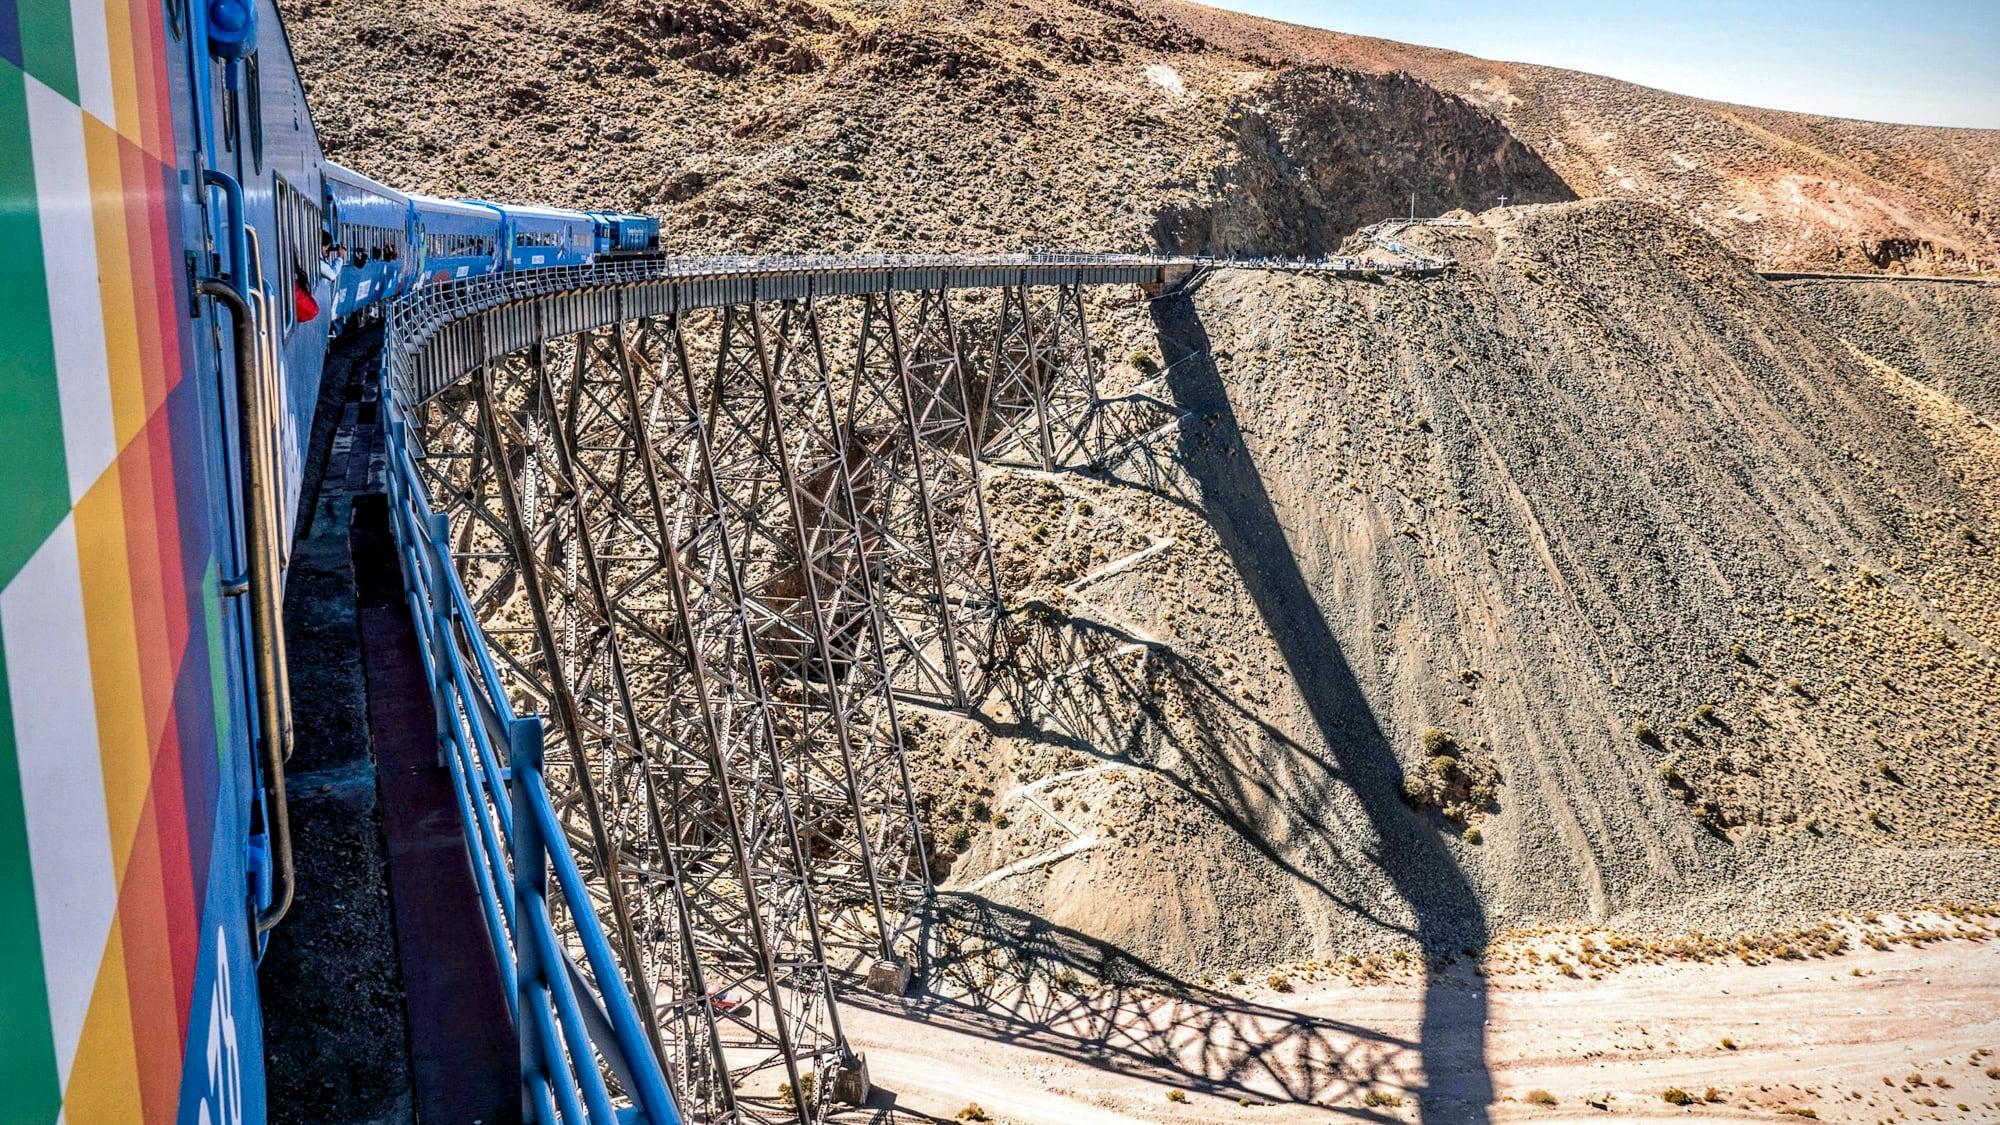 The Polvorilla Viaduct near San Antonio de los Cobres, Argentina